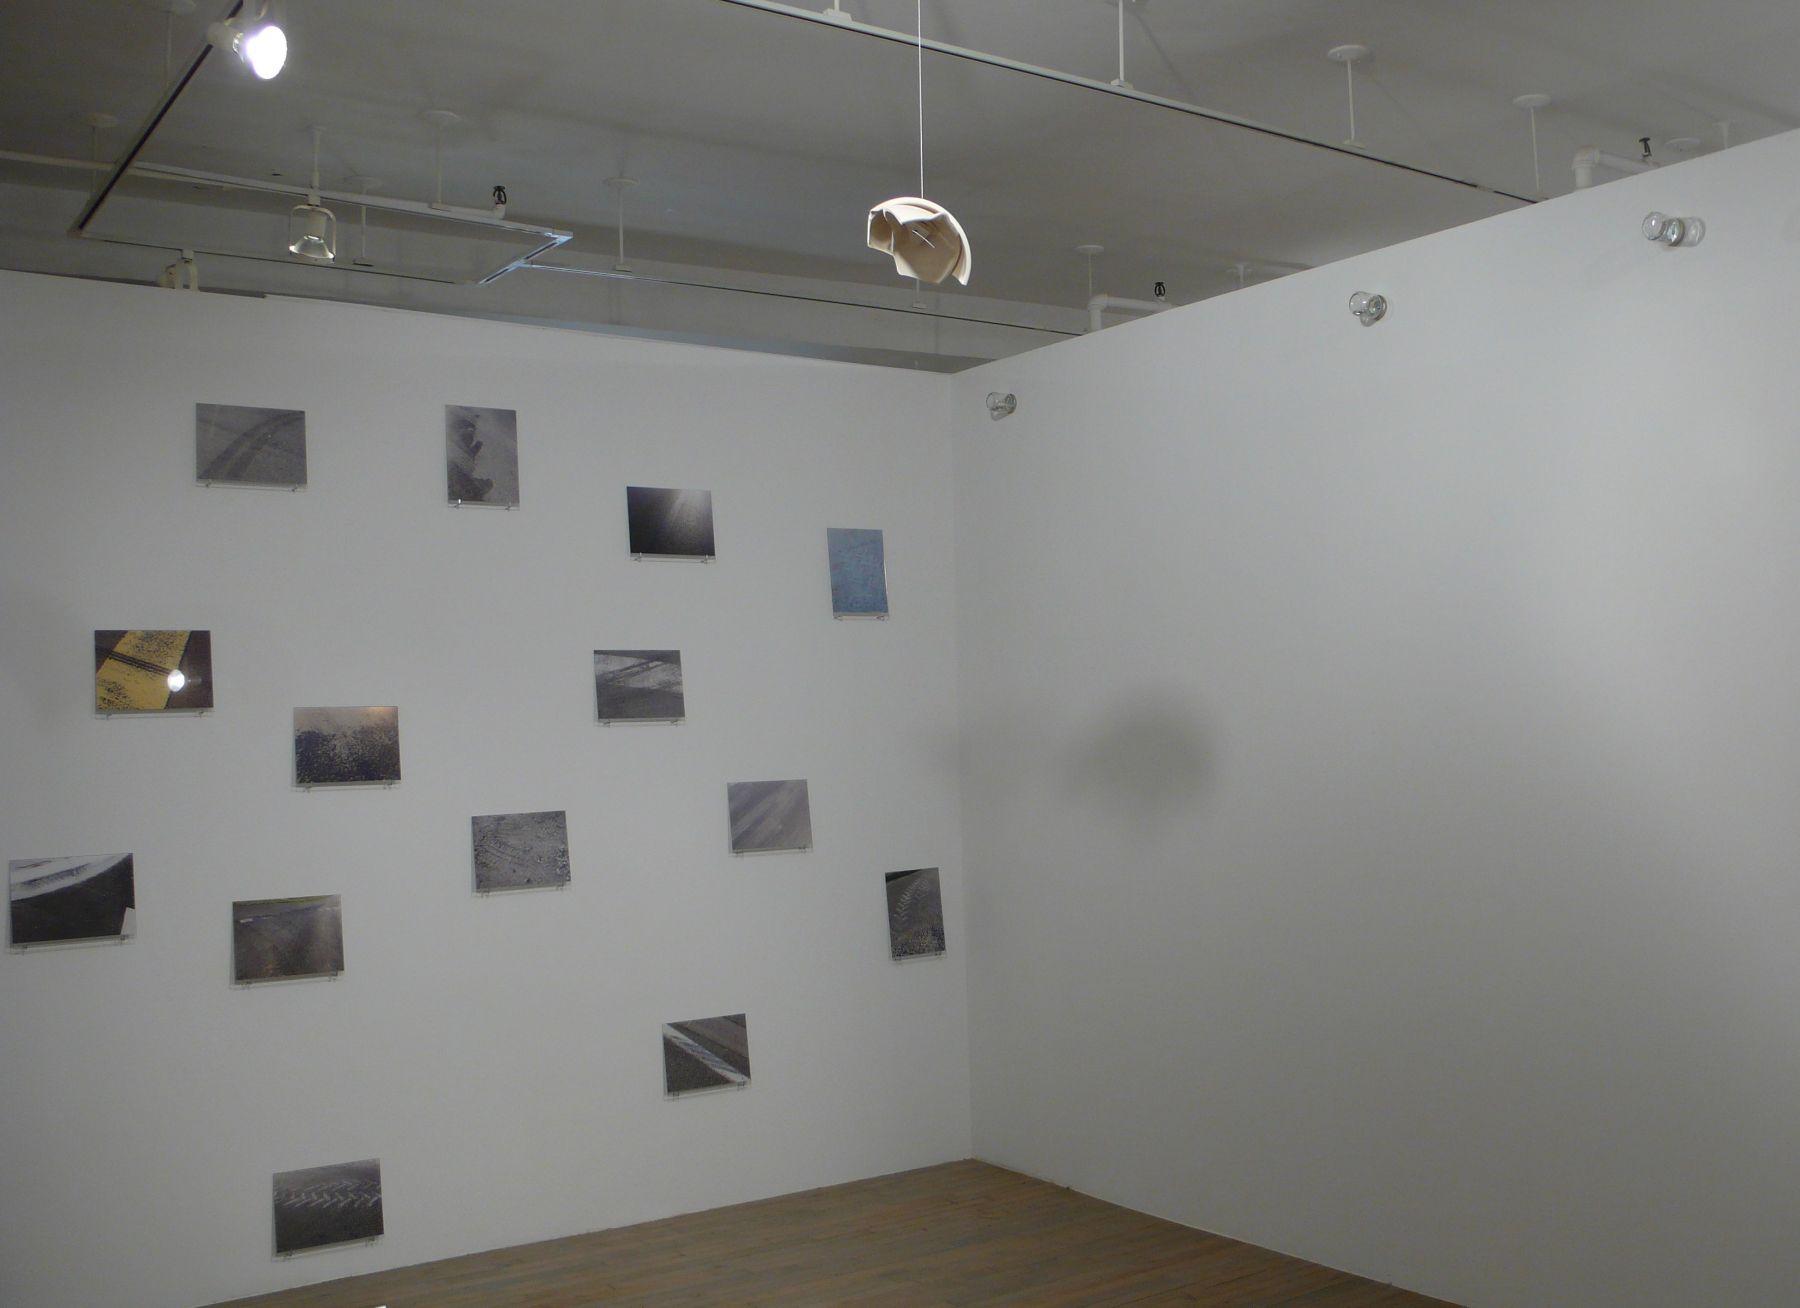 Richard Wentworth – installation view 5